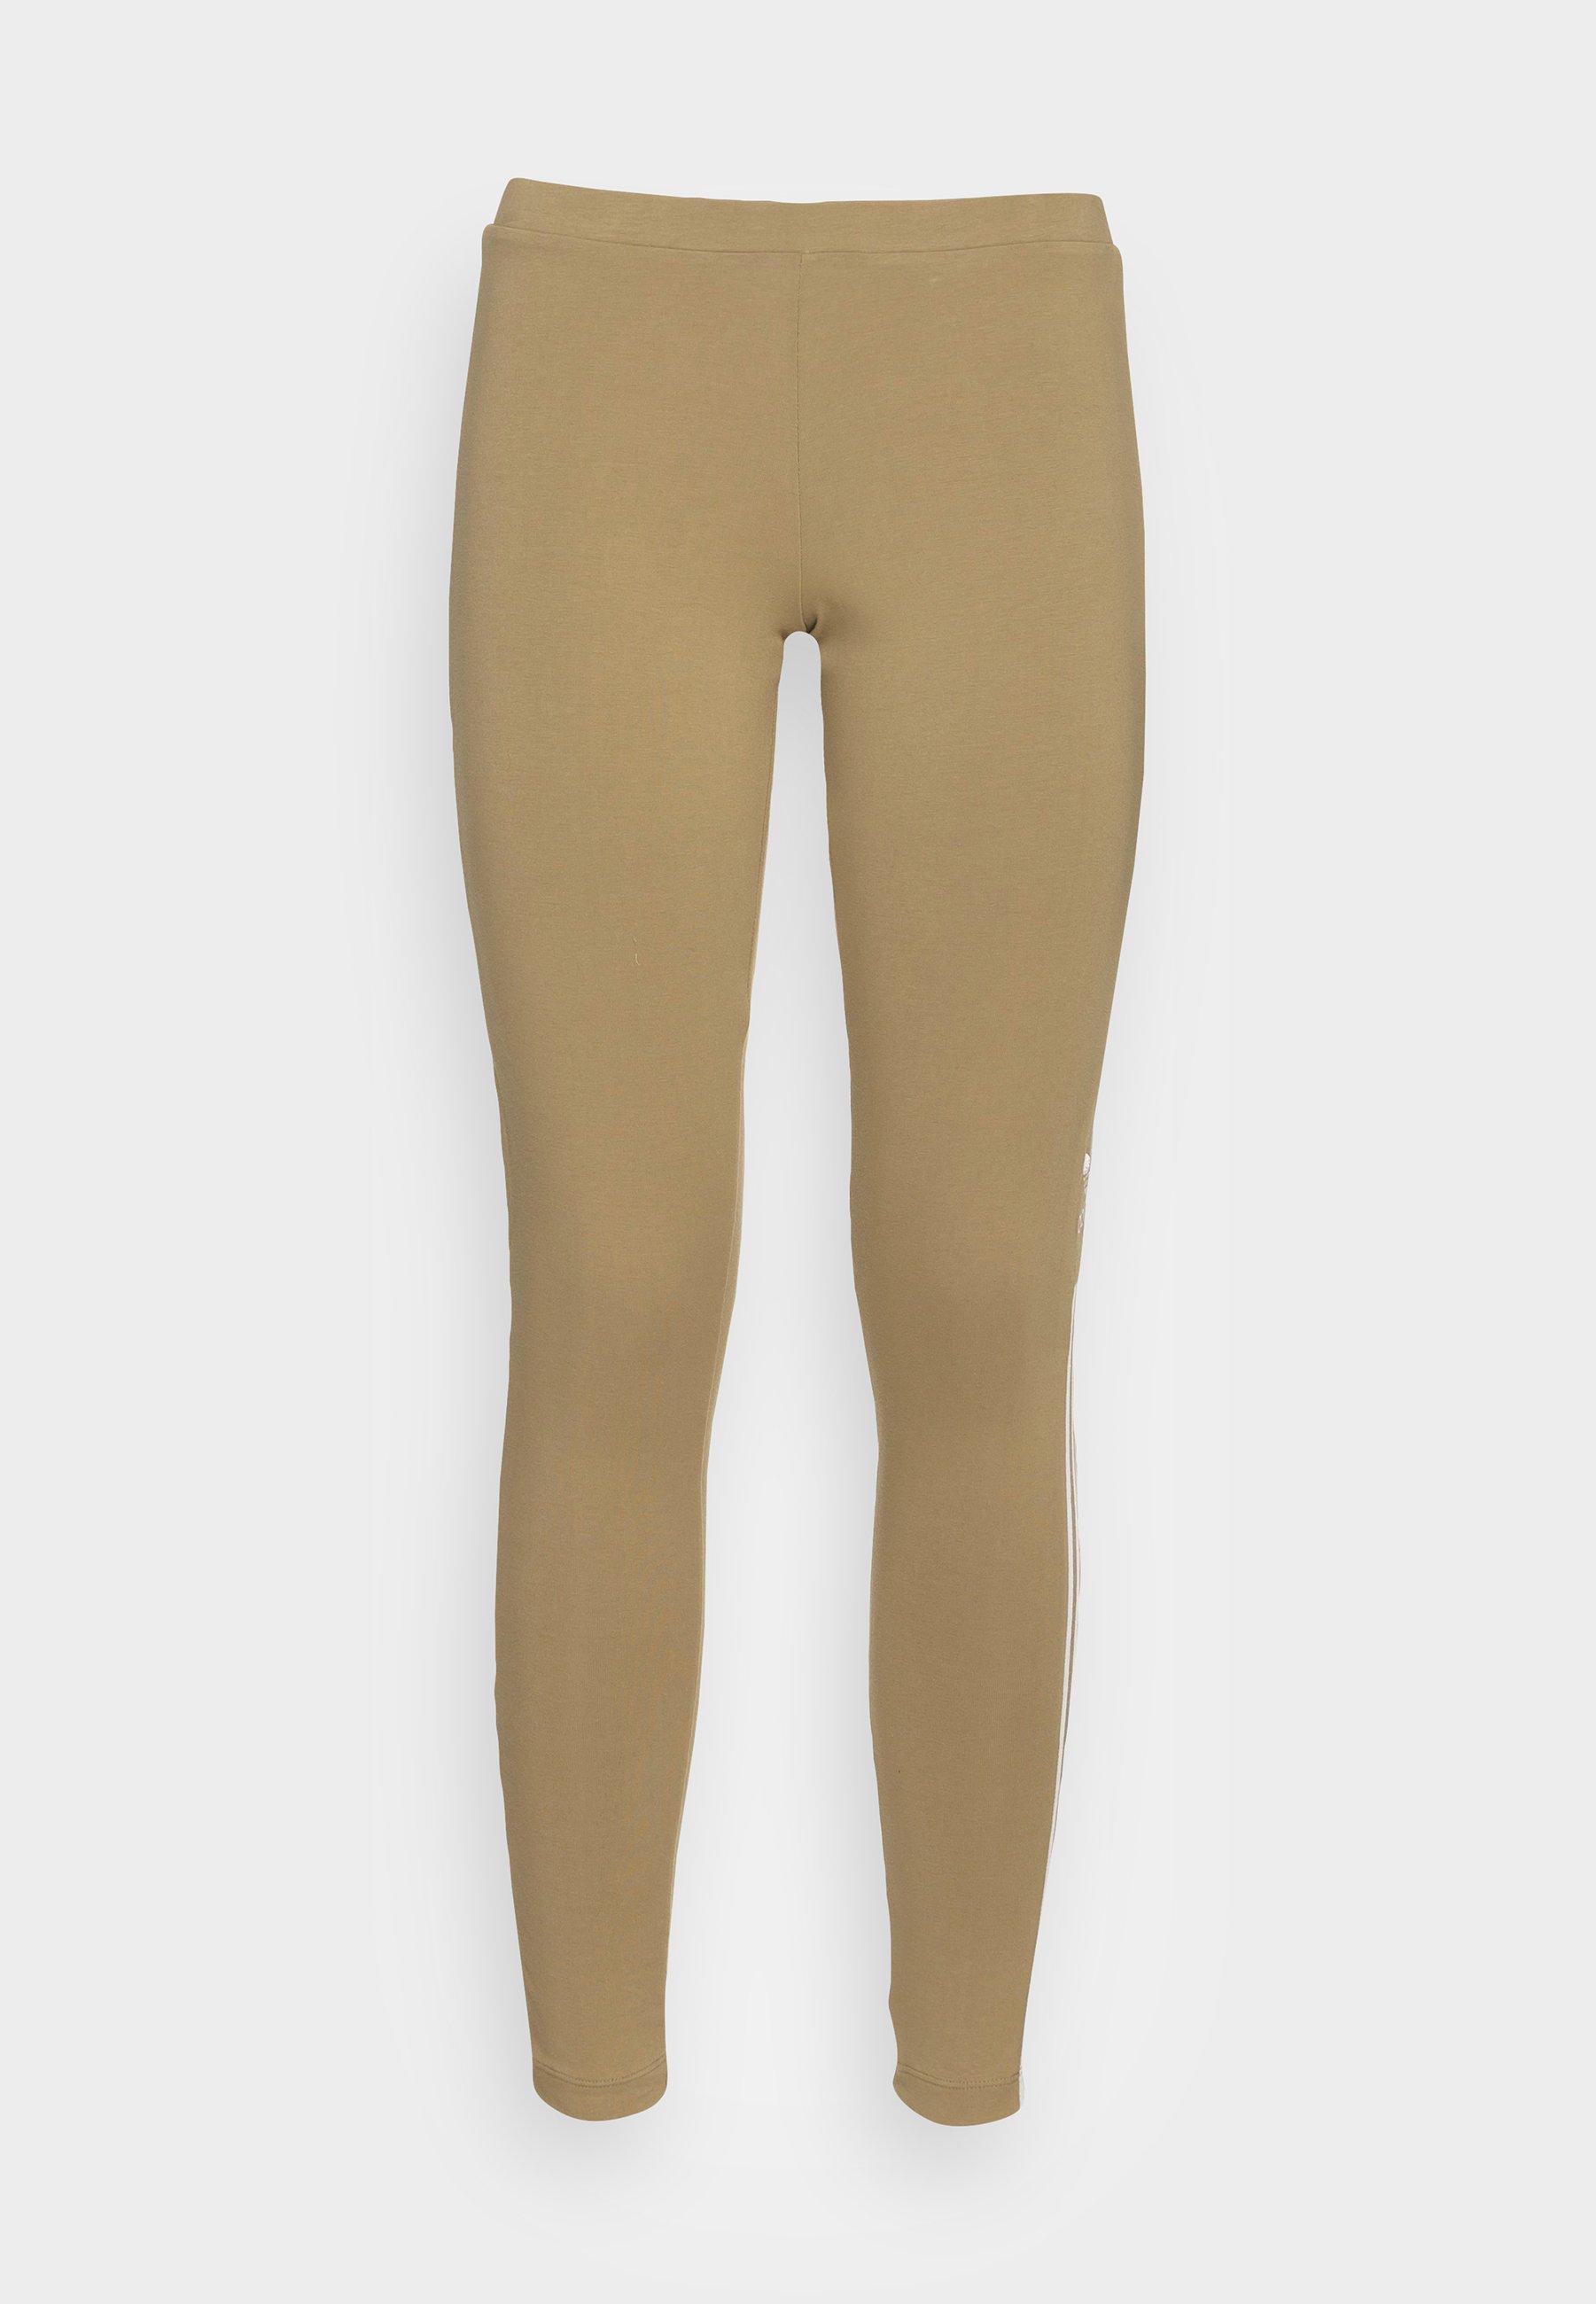 Damen TREFOIL ORIGINALS ADICOLOR LEGGINGS COMPRESSION - Leggings - Hosen